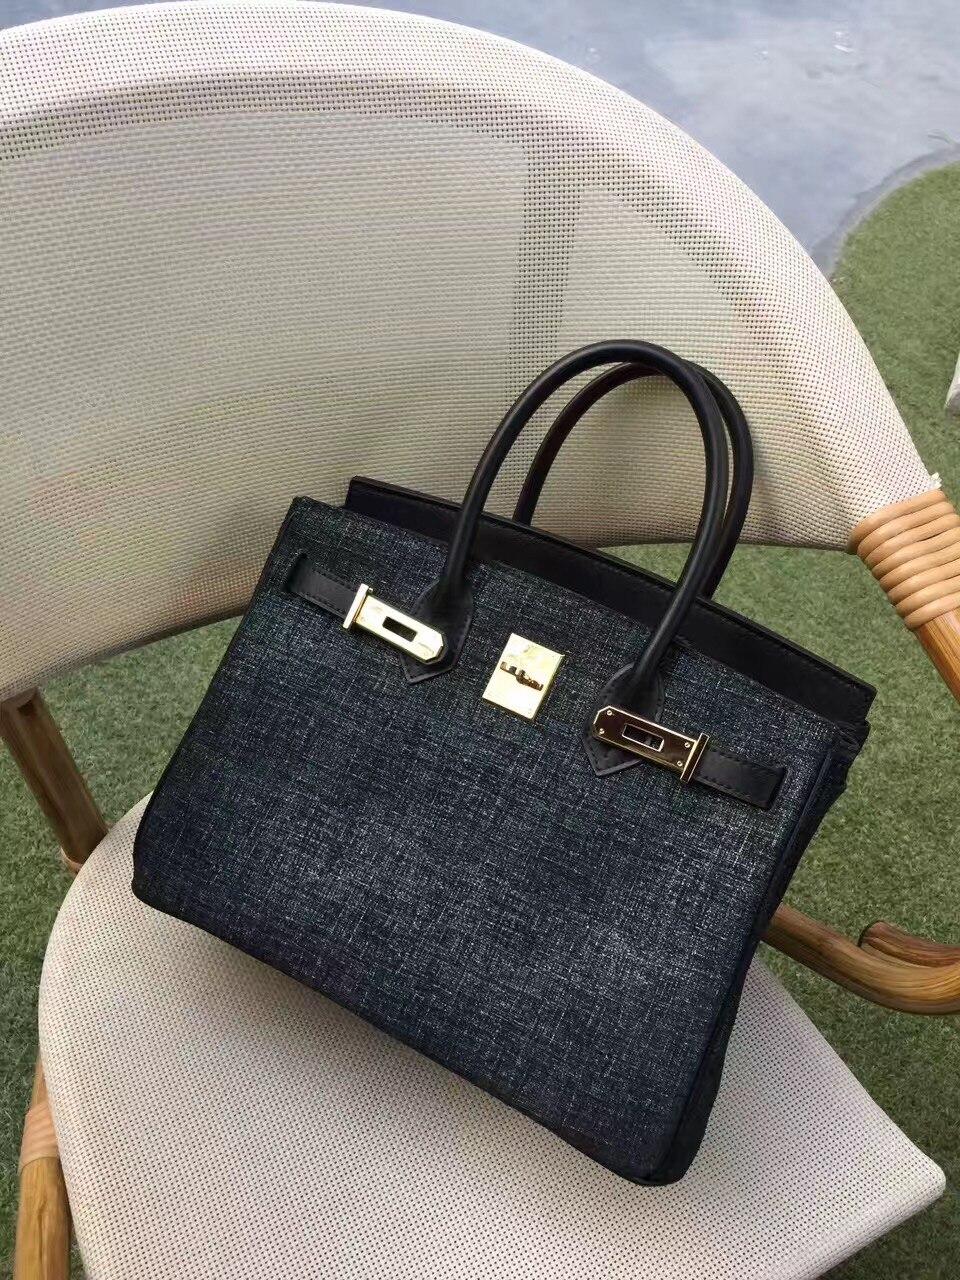 2017 luxus wildleder Handtasche Aus Echtem Leder Berühmte Designer - Handtaschen